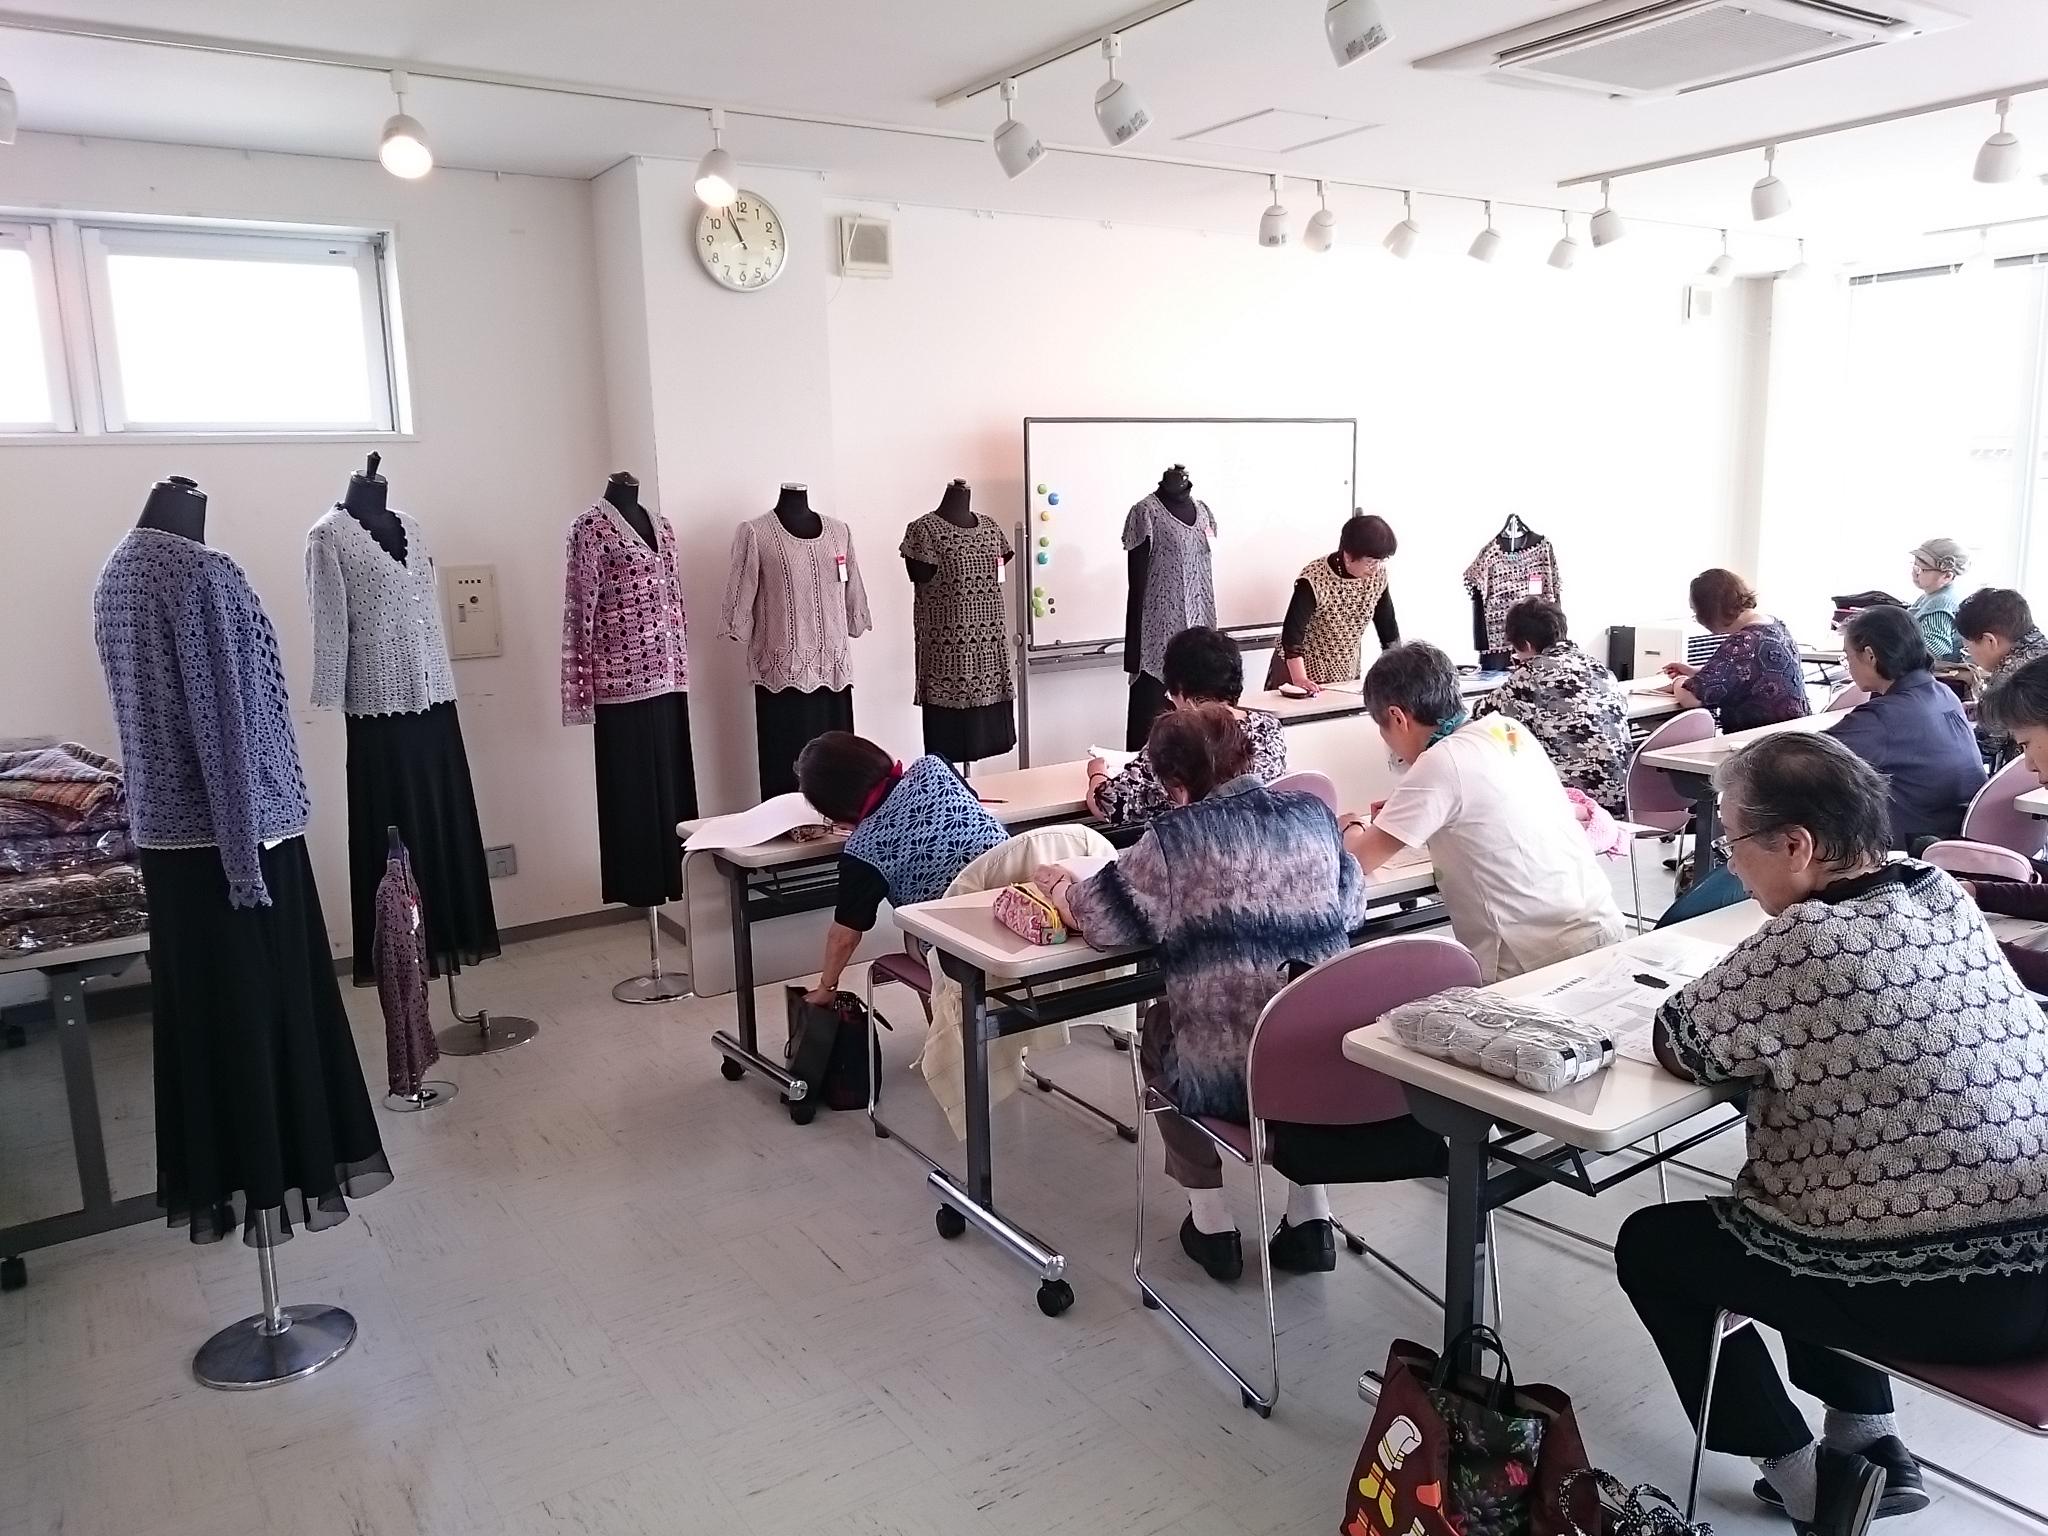 スキー毛糸 編み物 講習会